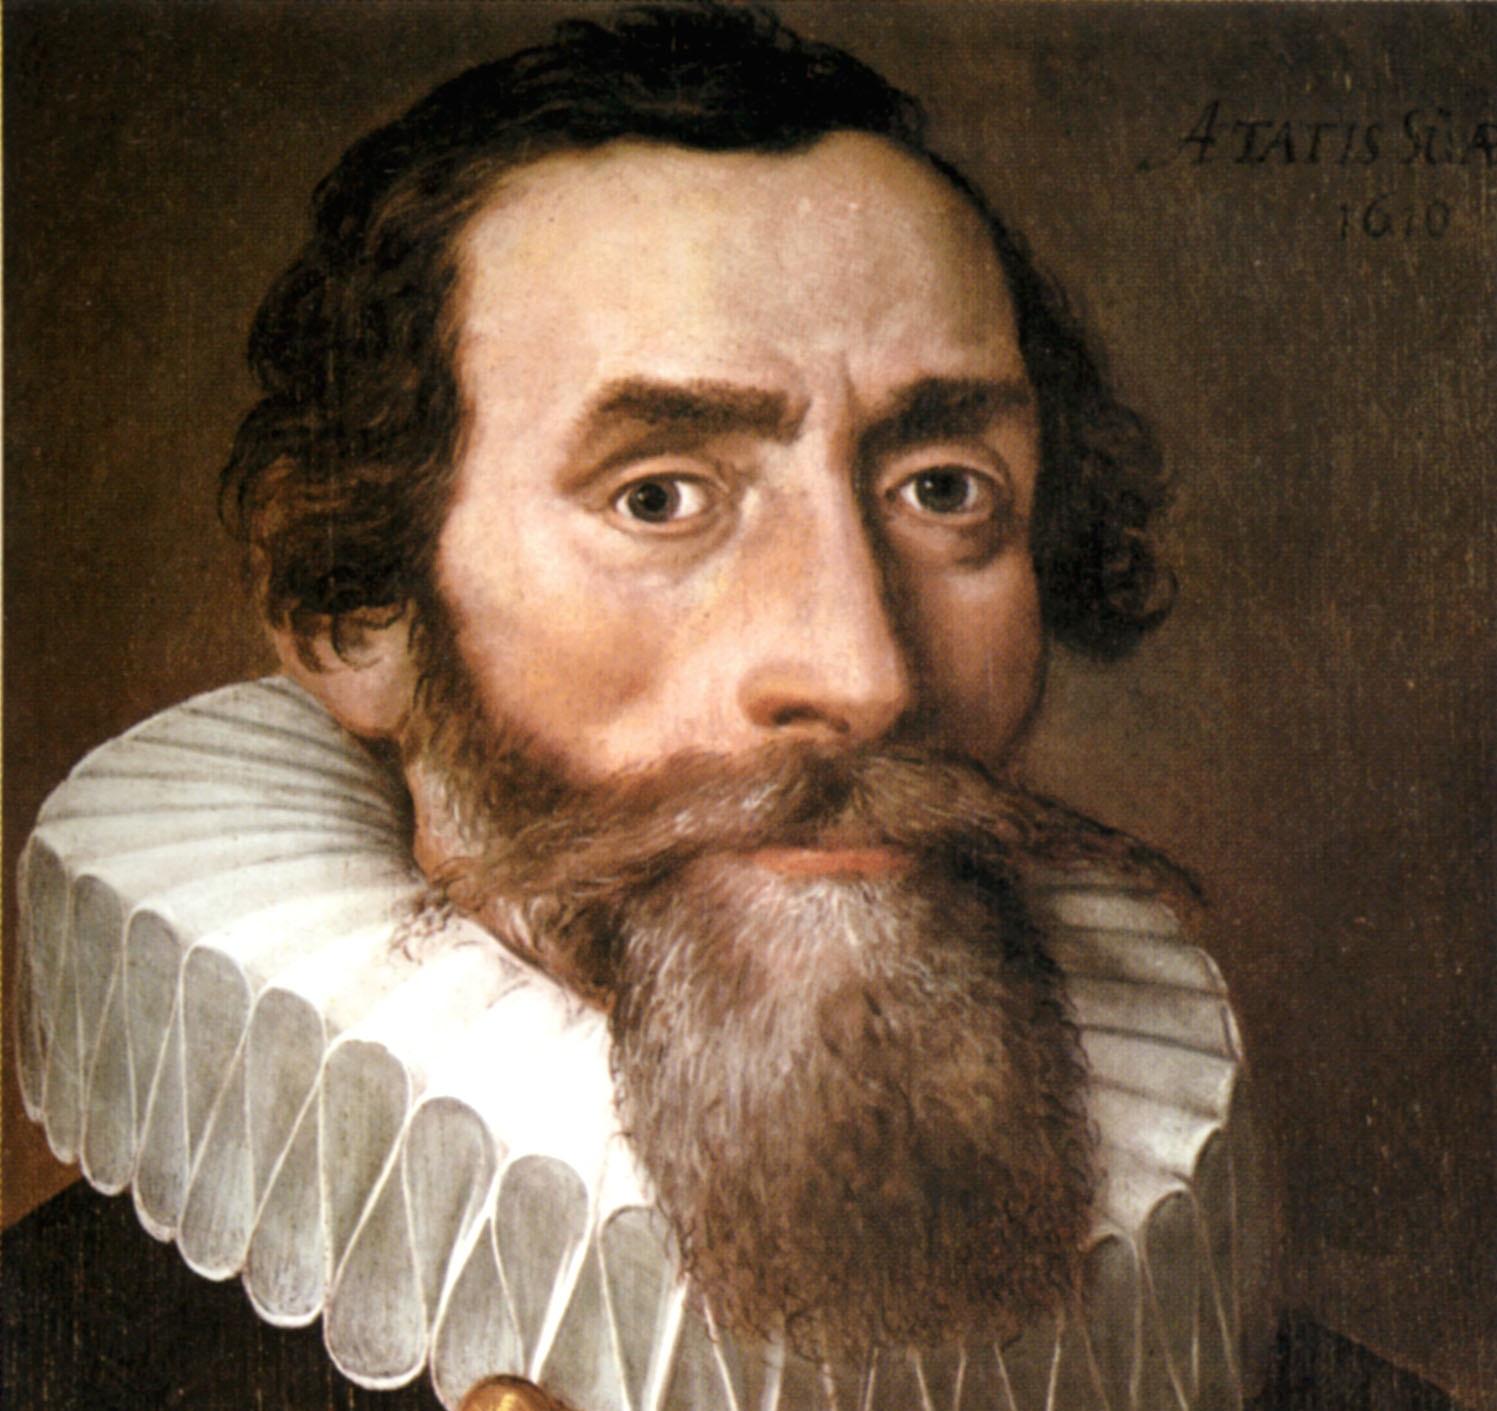 Johannes Kepler Kopie eines verlorengegangenen Originals von 1610